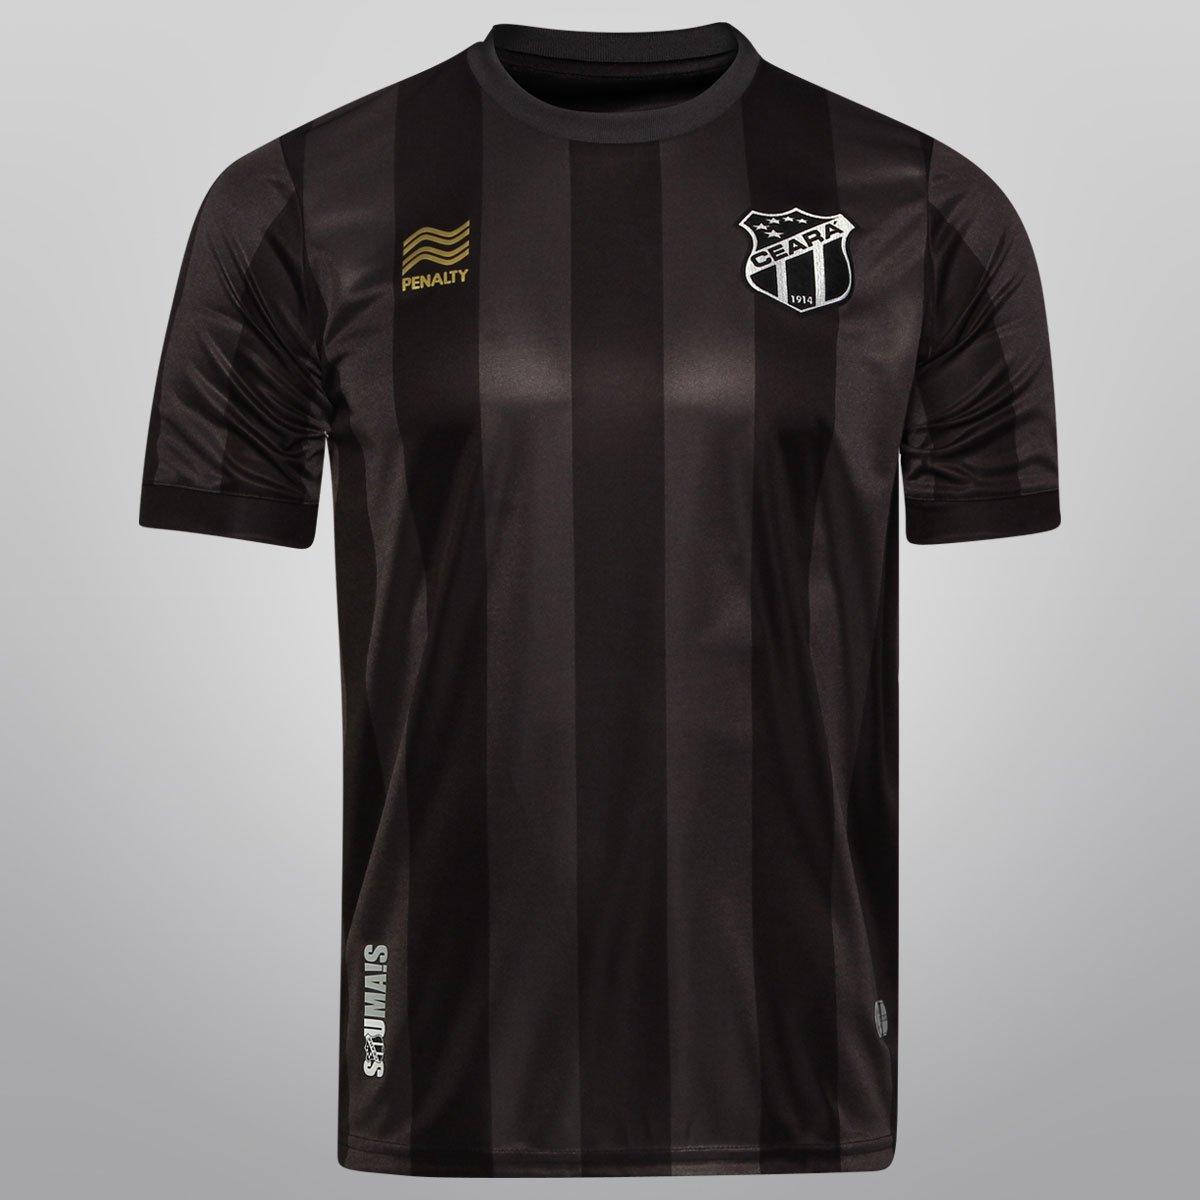 69ce3dfb00 Camisa Penalty Ceará III 2014 - Centenário - Compre Agora